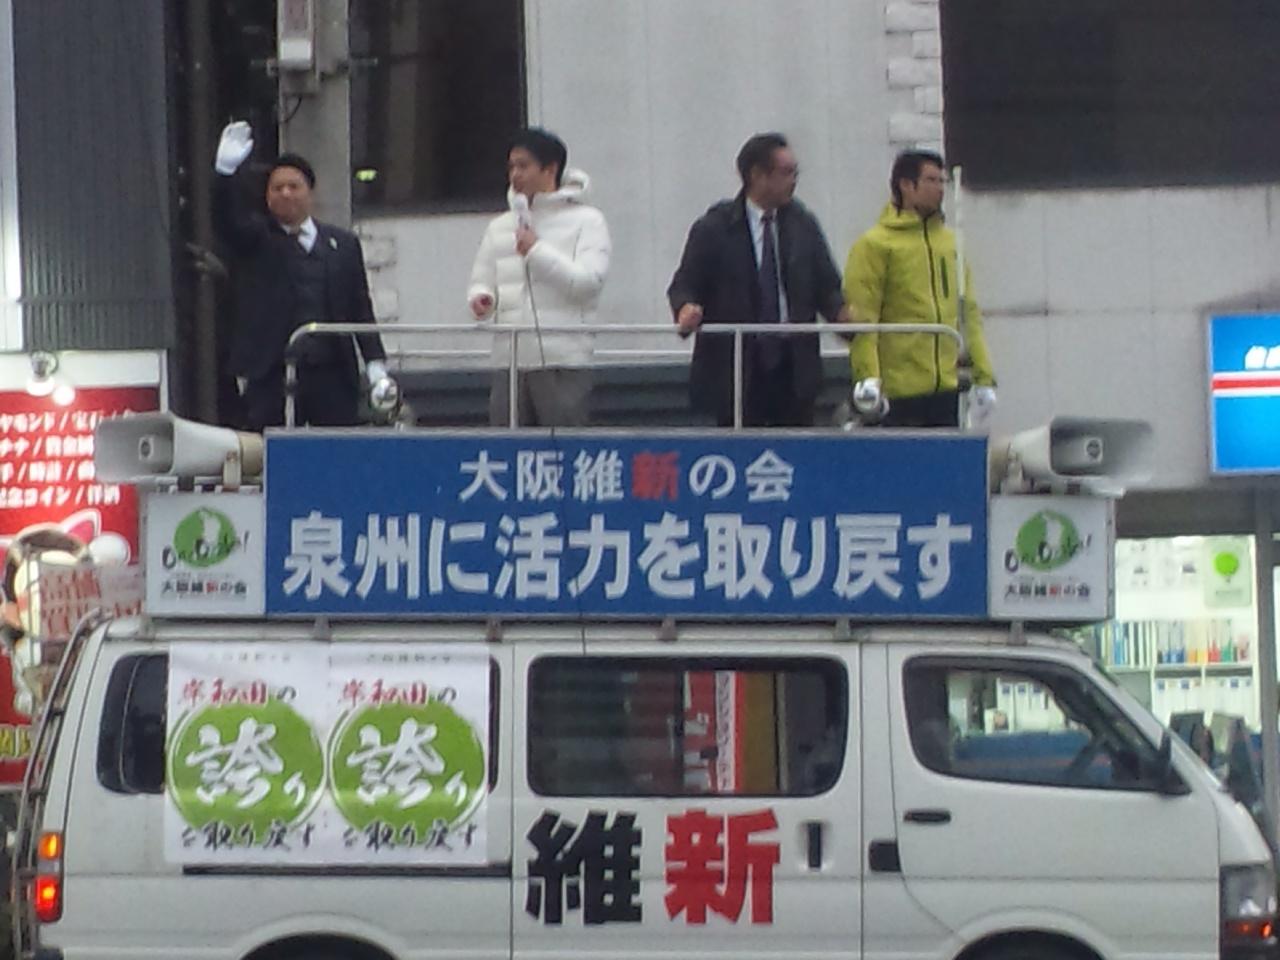 【岸和田市長選挙】本日ラスト街頭演説は、東岸和田駅です!